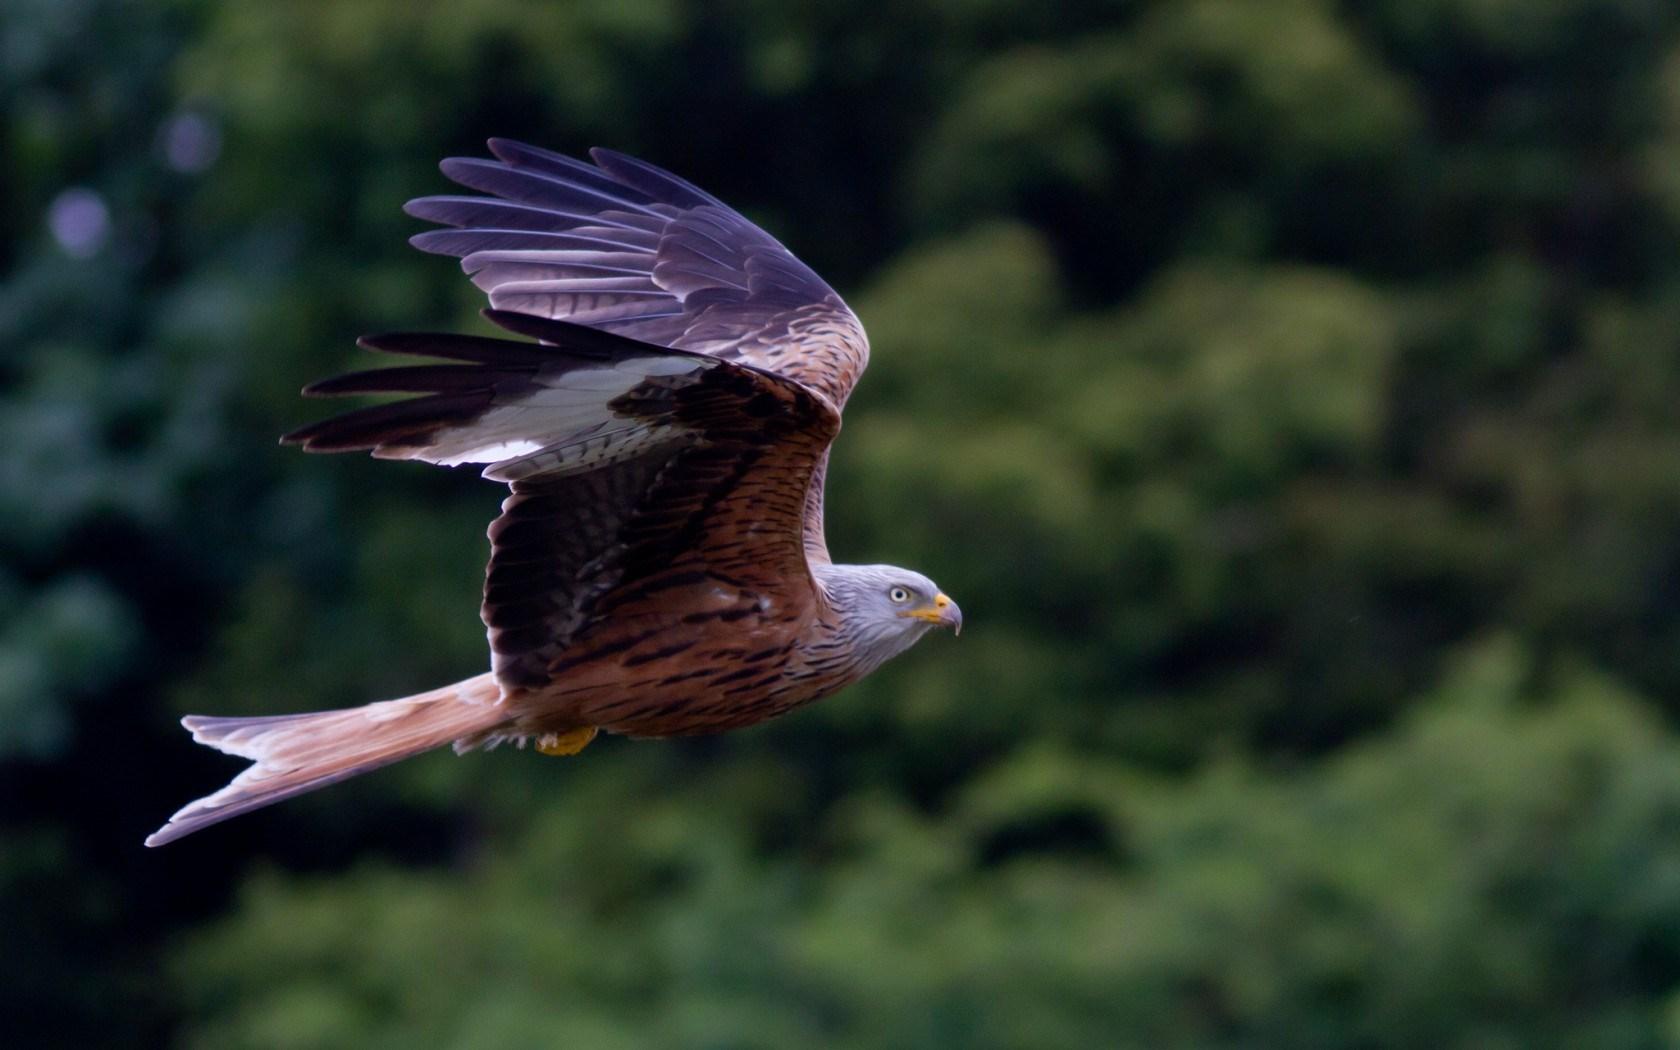 kite bird flying nature